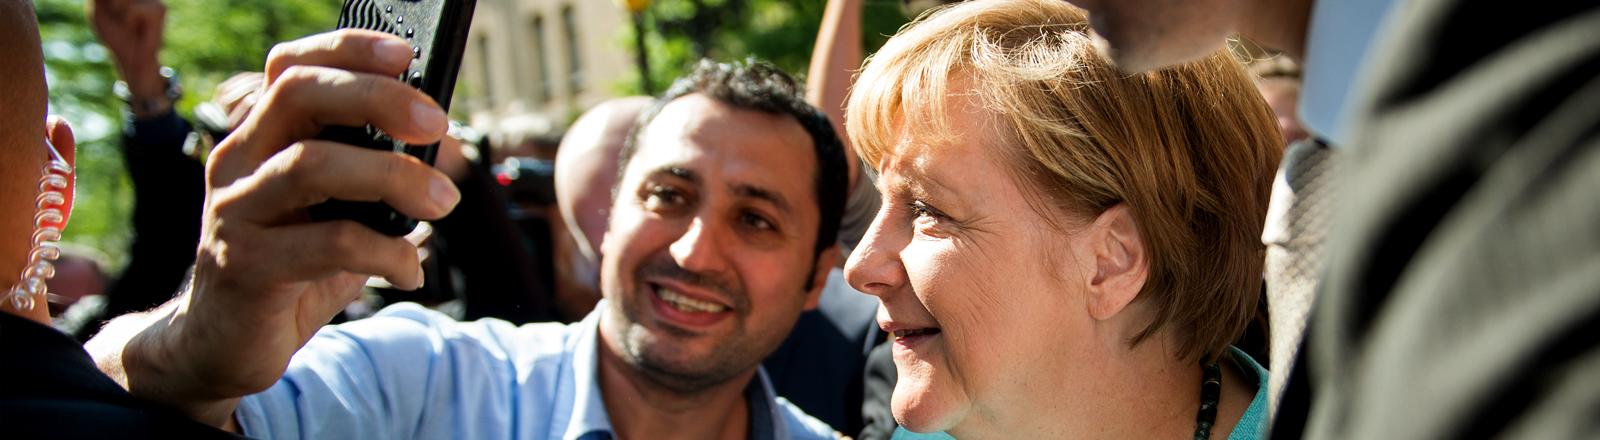 Angela Merkel macht bei ihrem Besuch in einem Flüchtlingsunterkunft in Berlin Selfies mit den Bewohnern